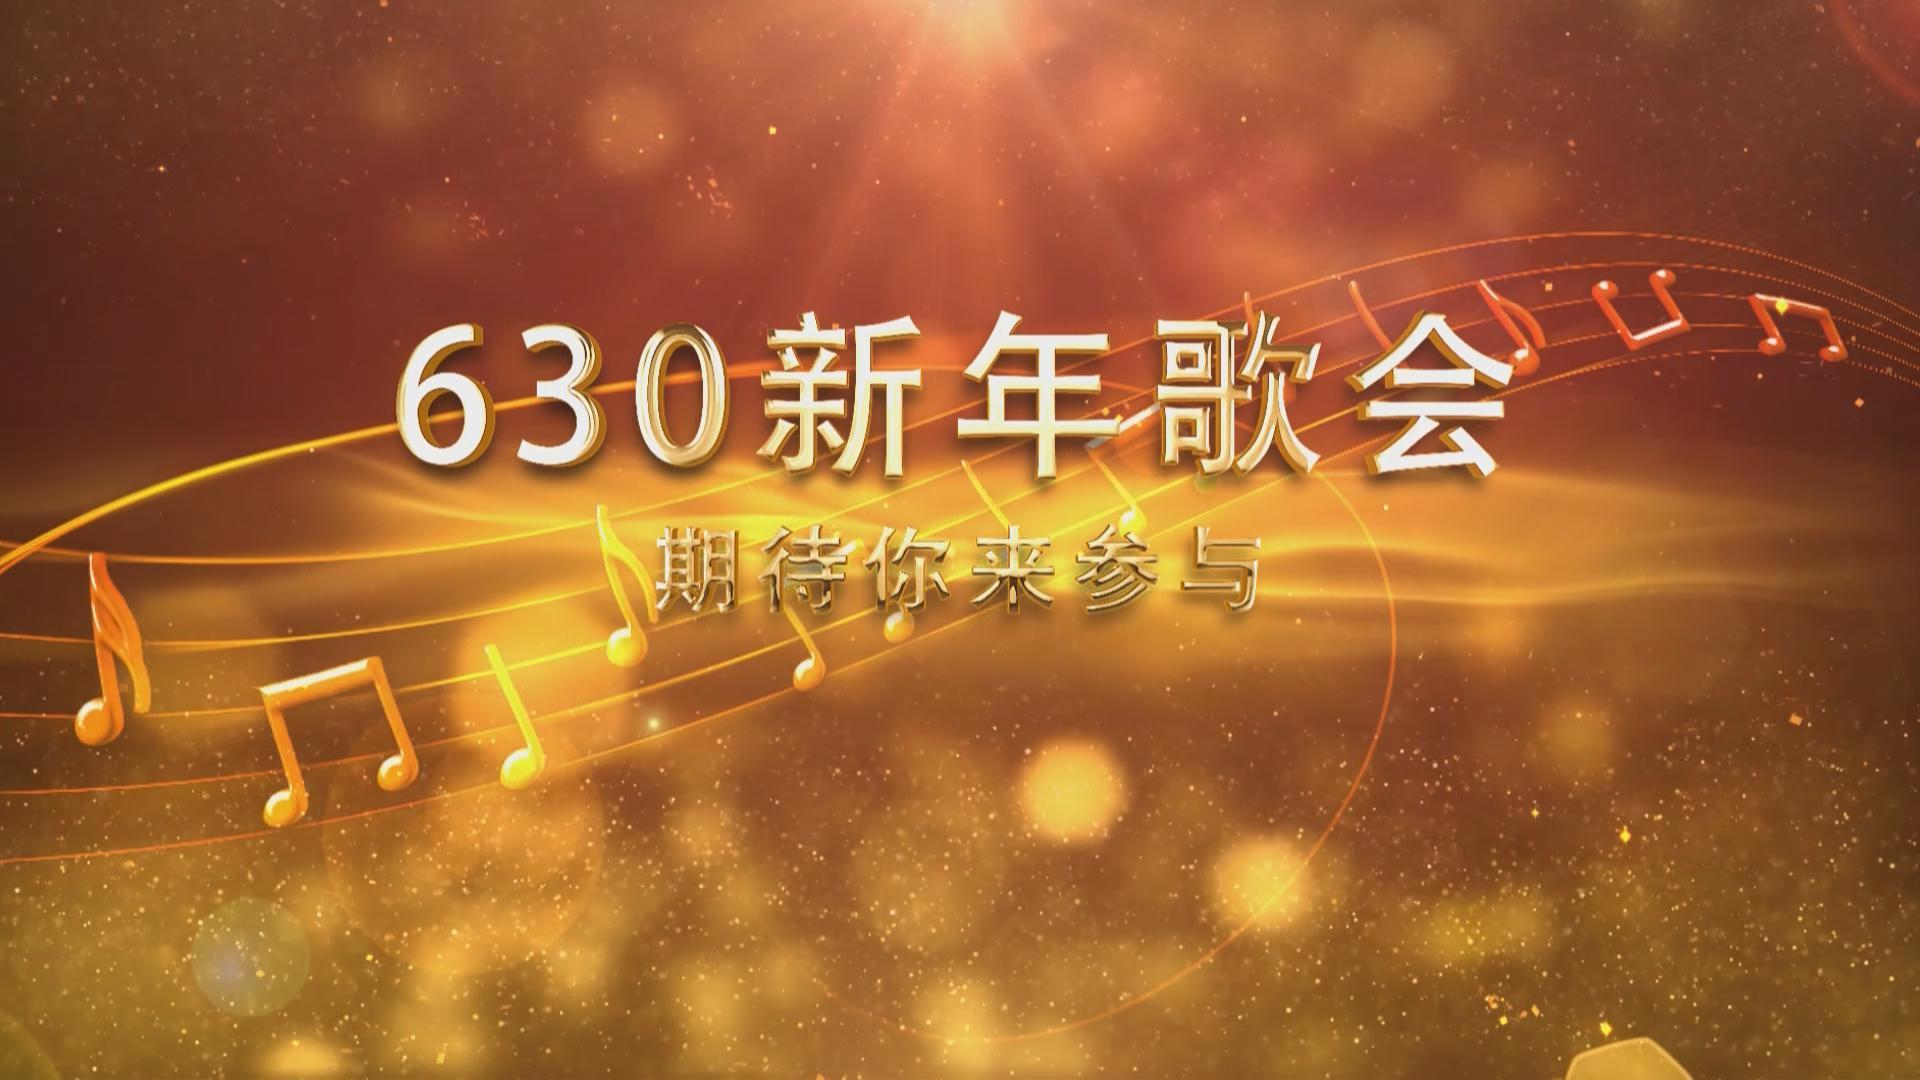 630大舞臺:新年歌會